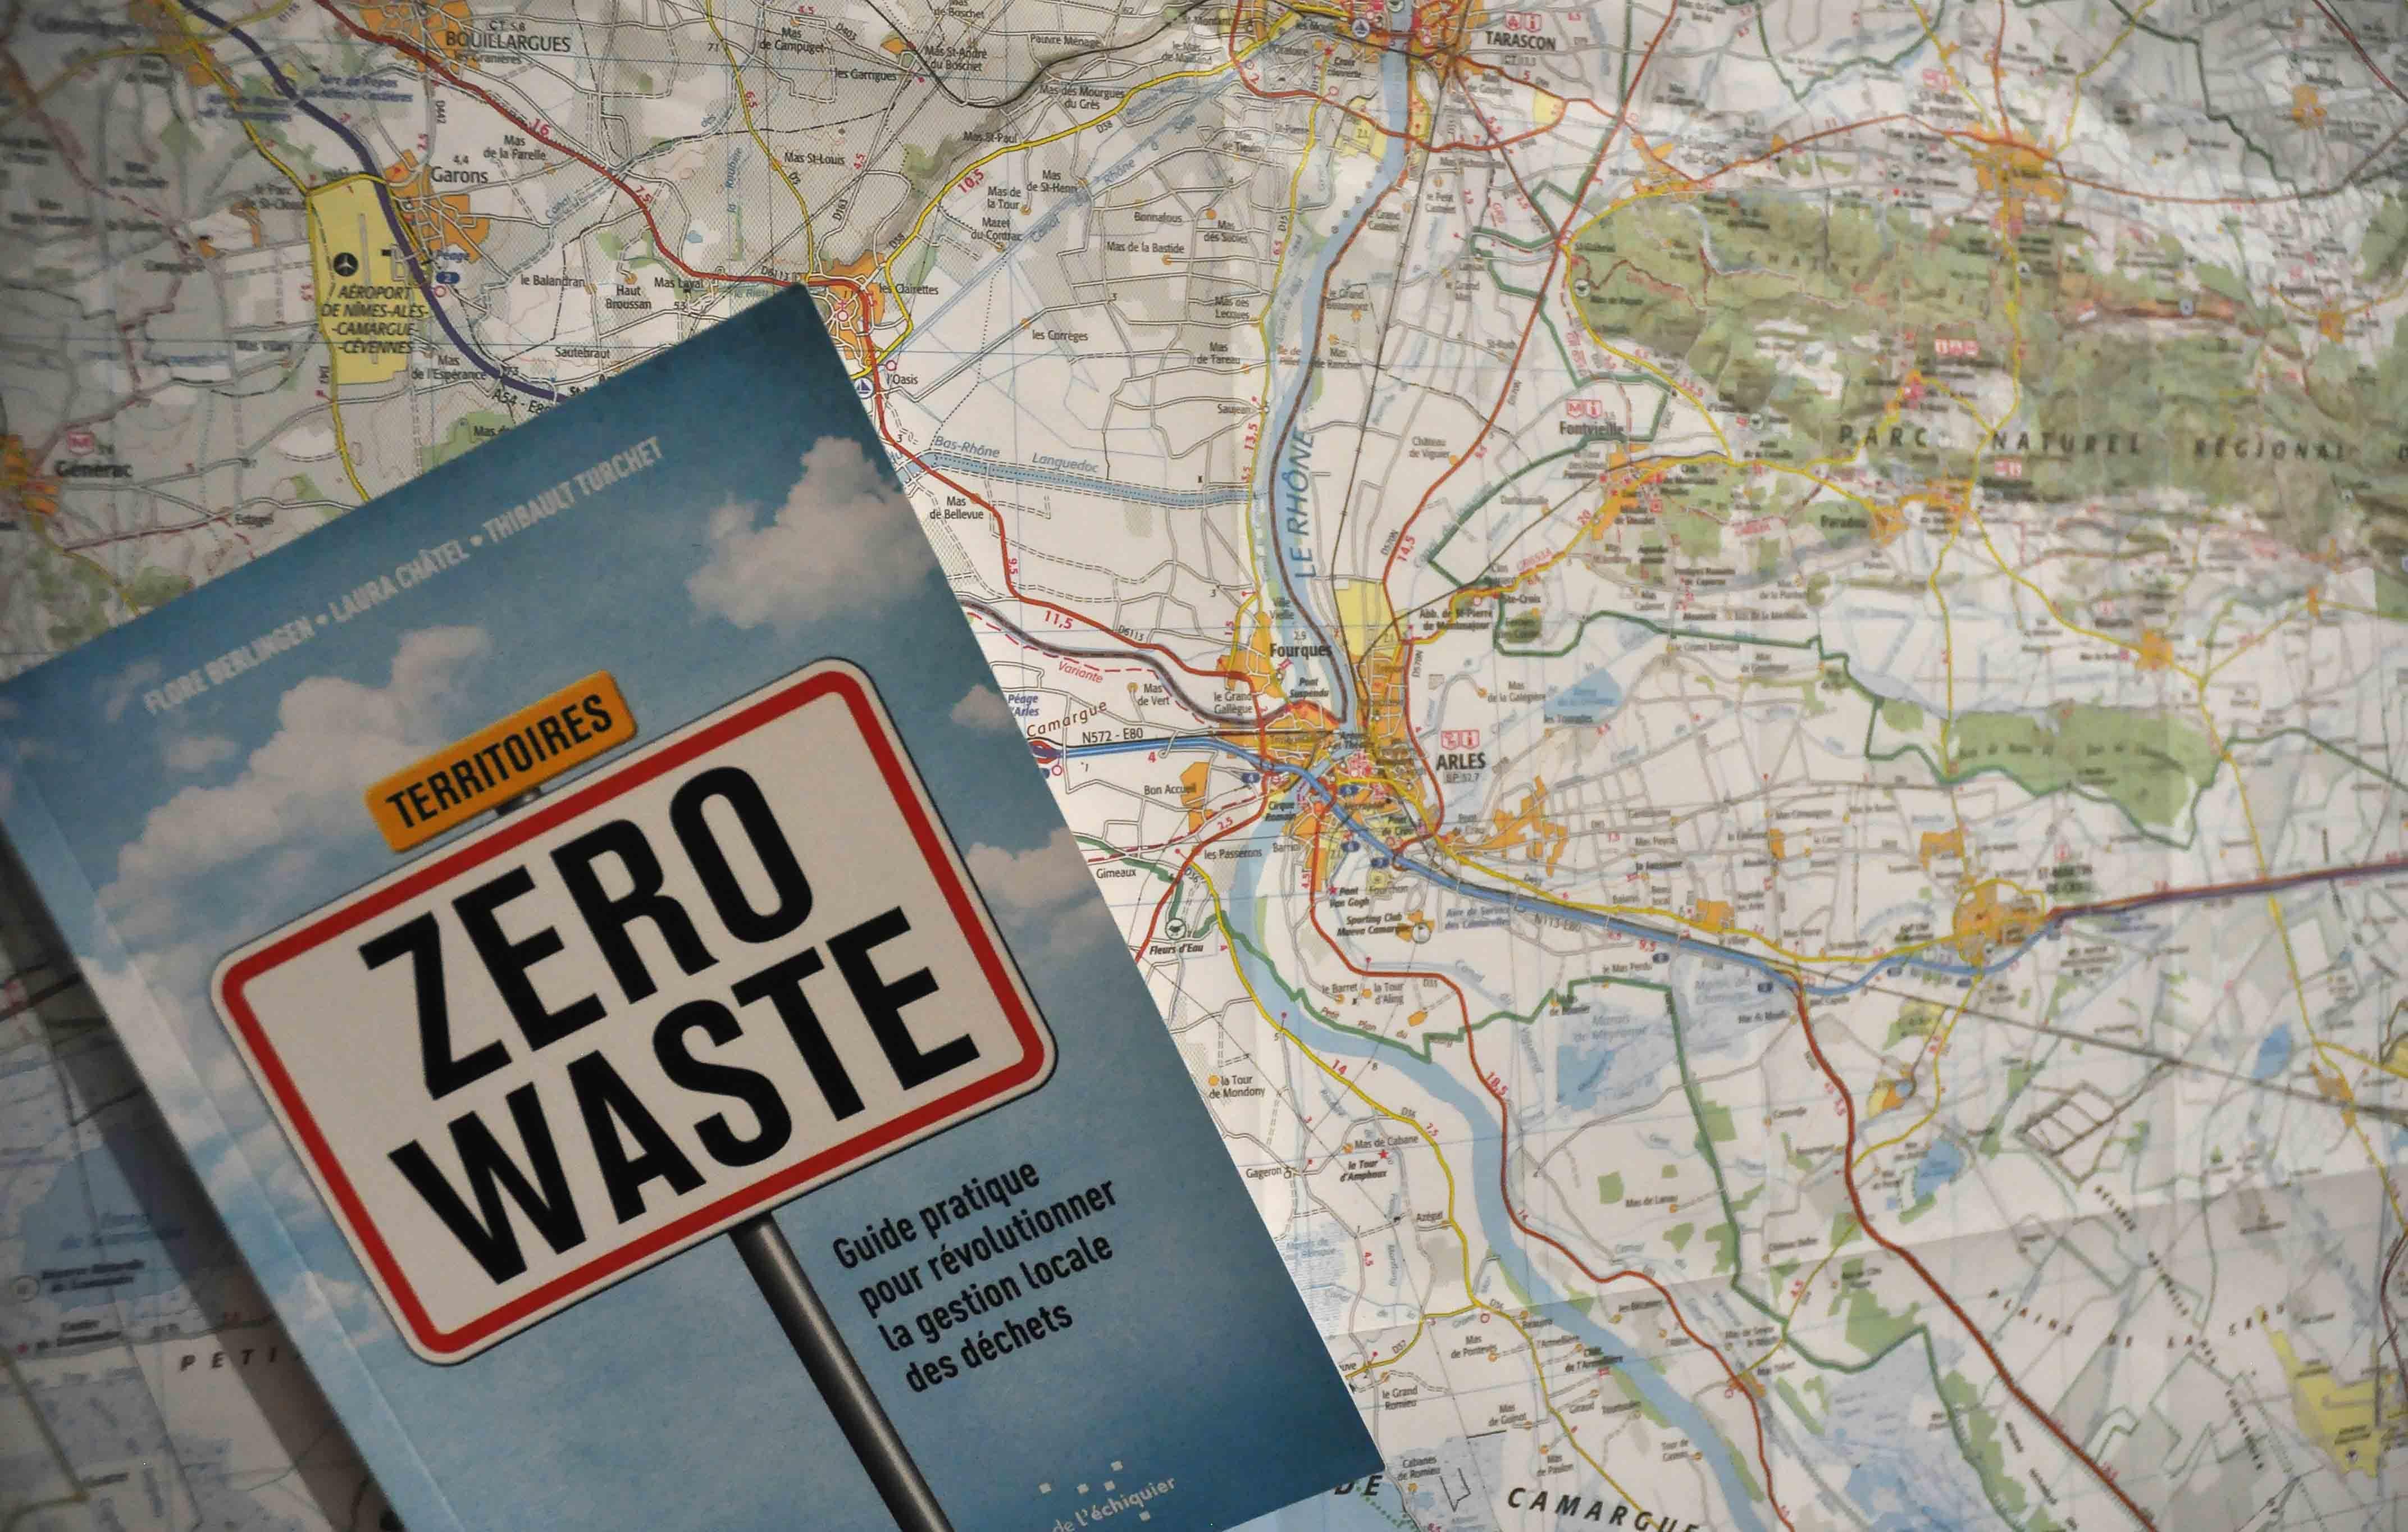 Le journal l'Arlésienne et Zéro déchet Pays d'Arles vous invitent un radio-bistrot. Nous recevrons Thibault Turchet, co-auteur du Guide pratique pour la révolution de la gestion locale des déchets.